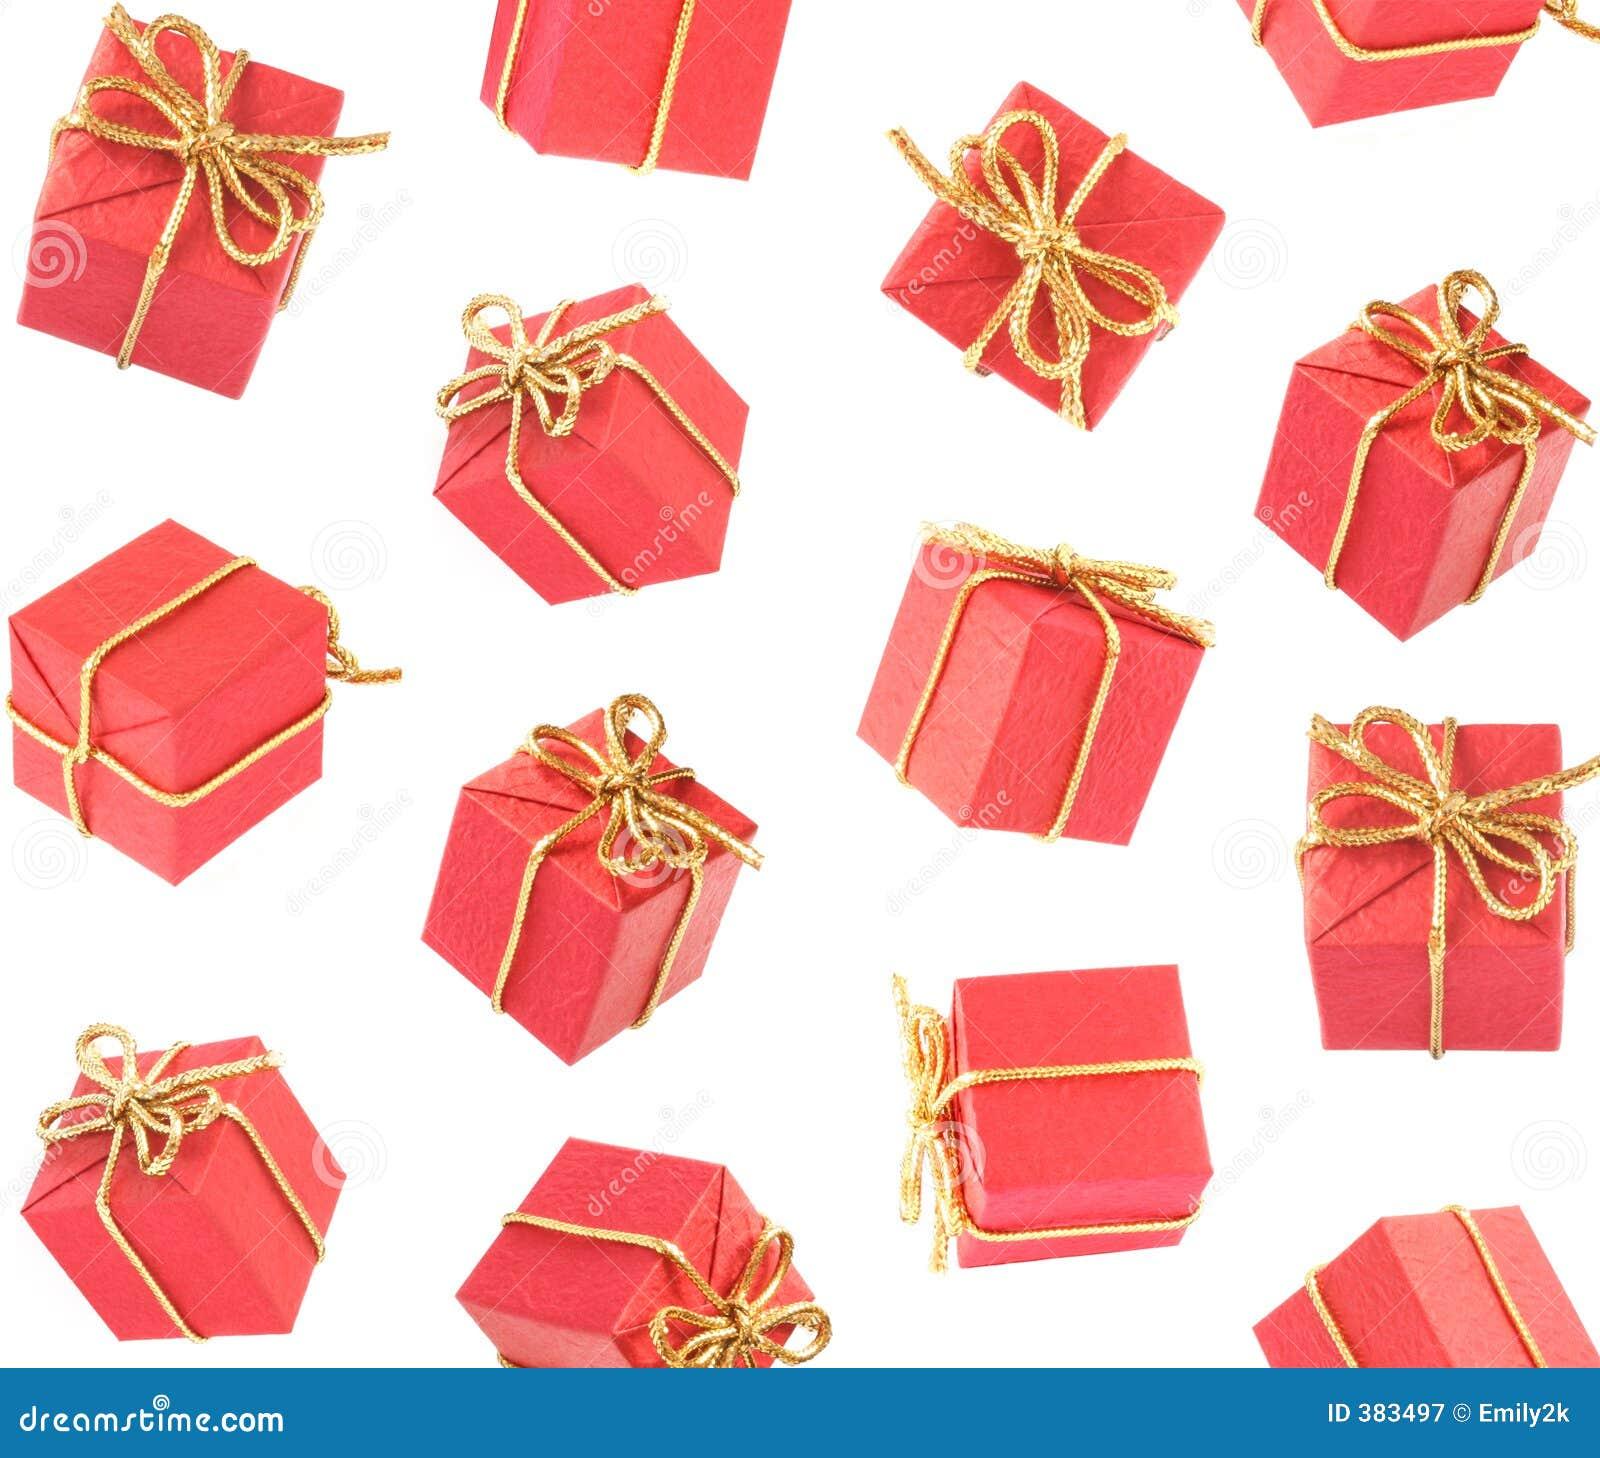 Gift Raining Royalty Free Stock Photography - Image: 383497